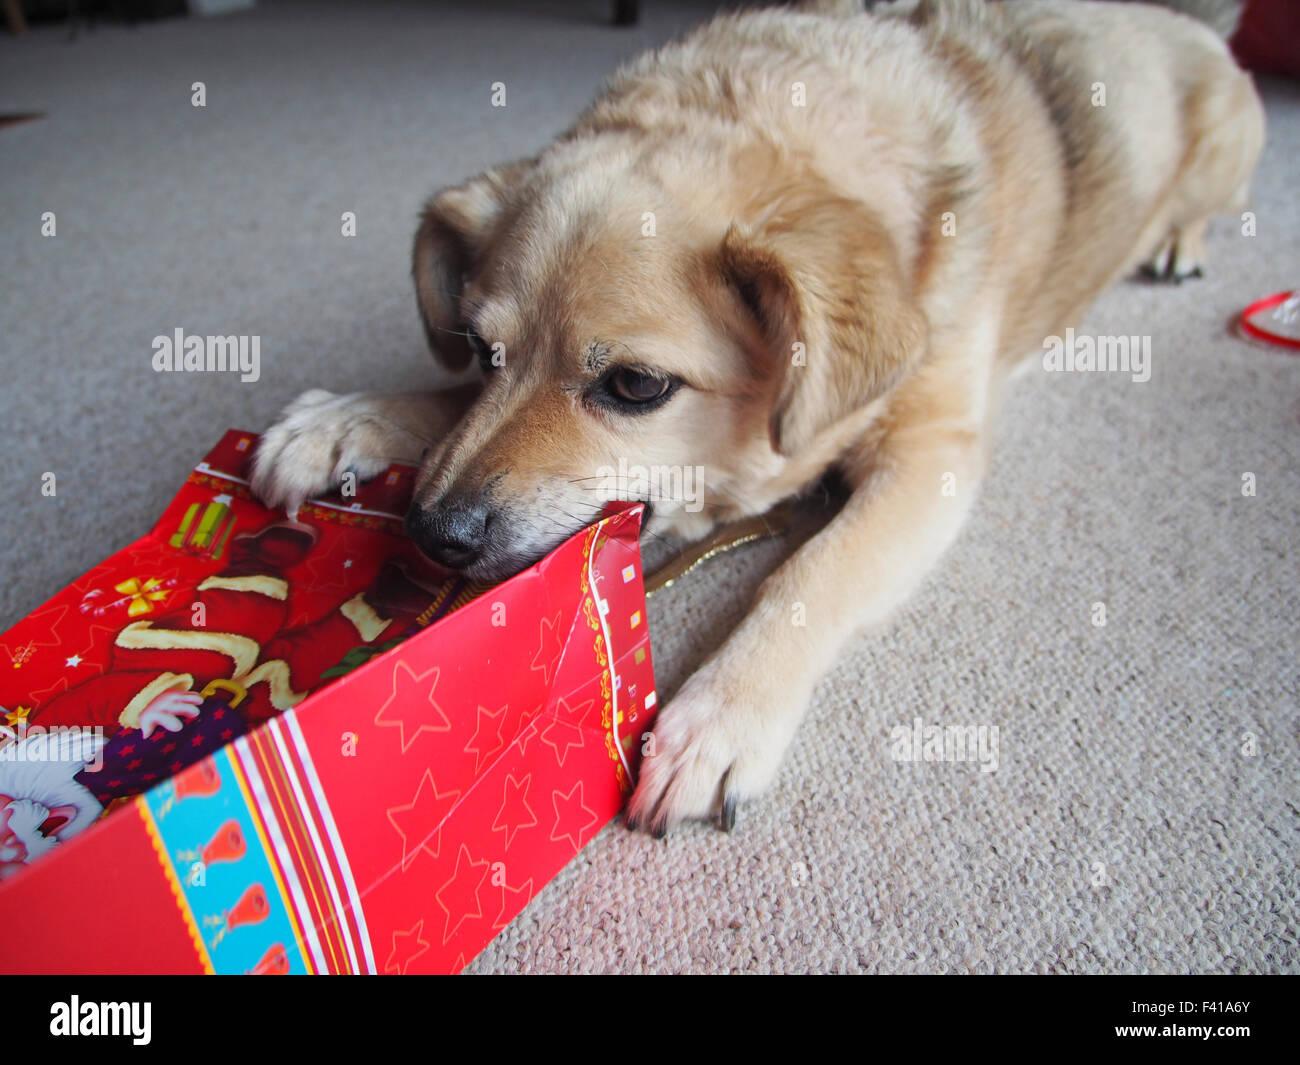 dog with a christmas gift - Stock Image